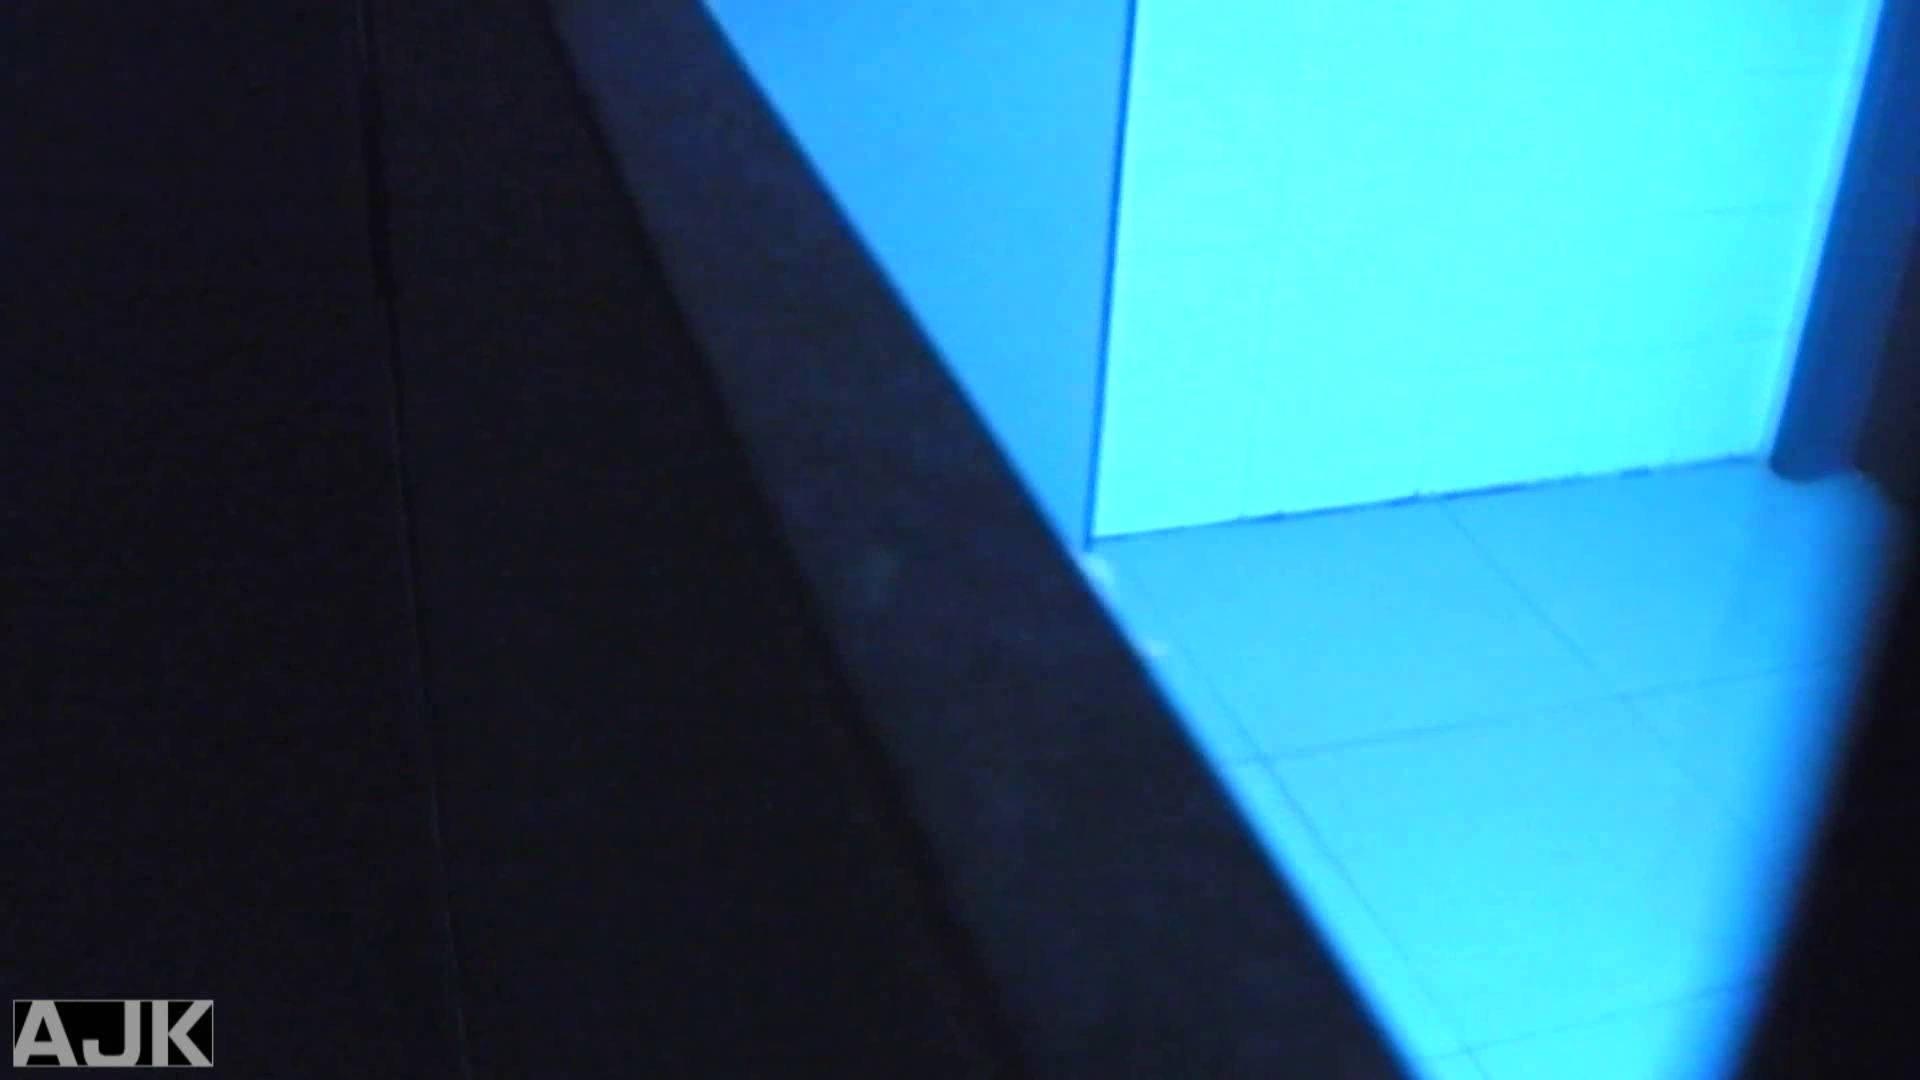 神降臨!史上最強の潜入かわや! vol.13 オマンコ見放題 盗撮動画紹介 9枚 4